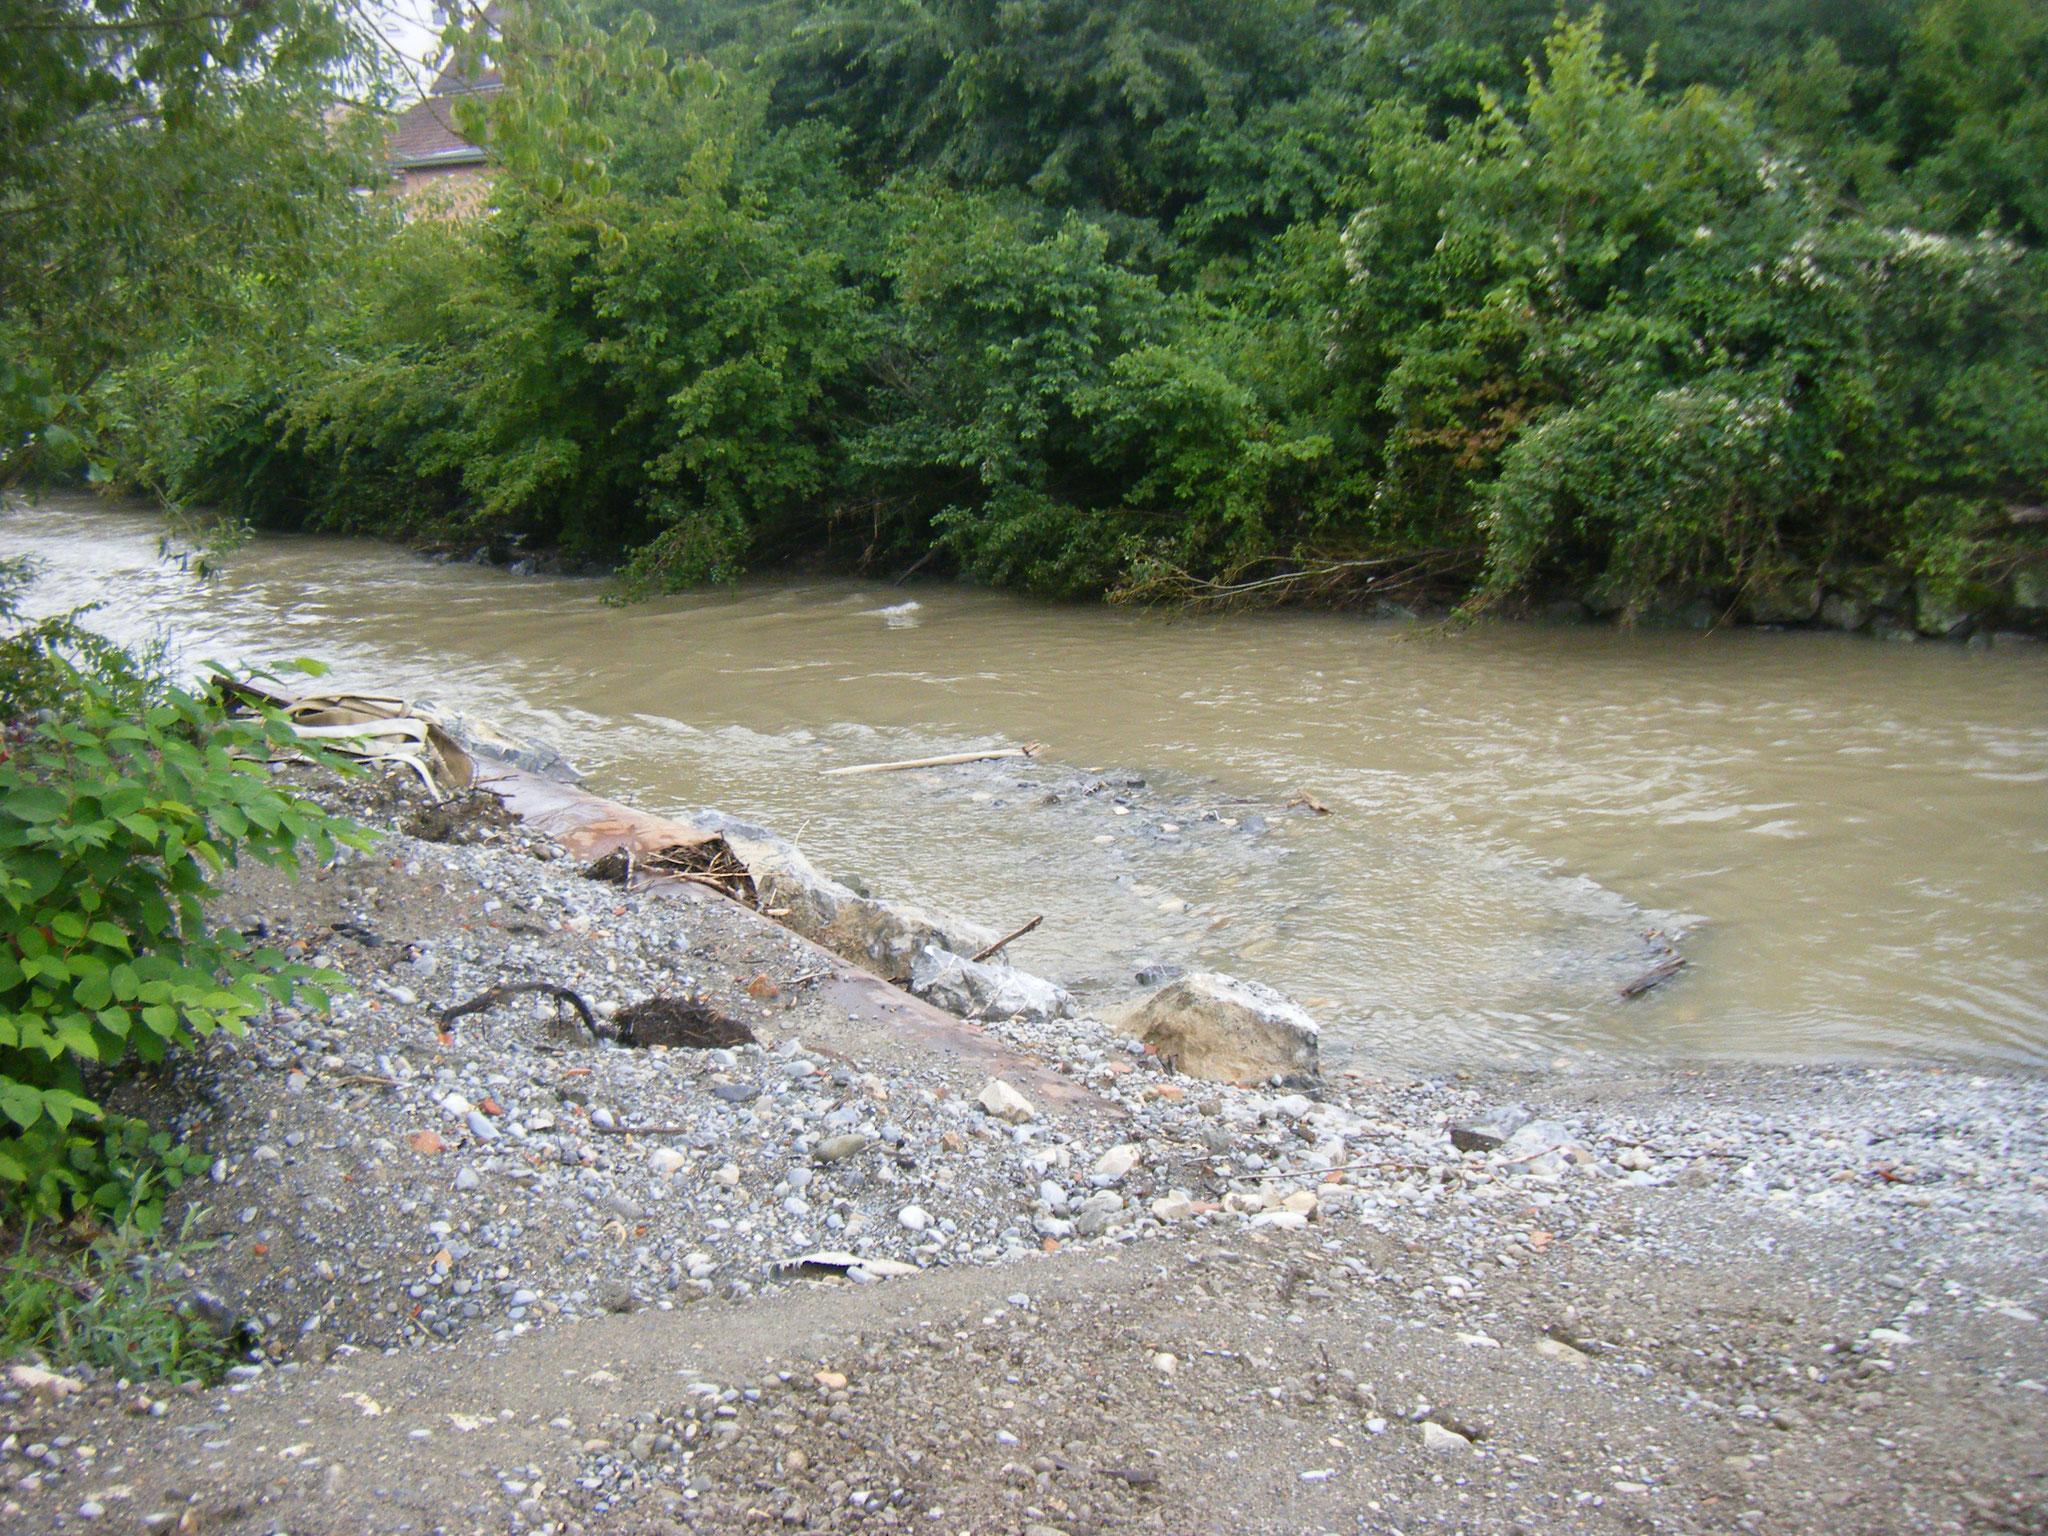 immer wieder führen Starkregen und Hochwasser zu Unterbrechung der Arbeiten. Die Rotach kann nur bis zu einem Wasserdurchfluss bis zu 5 cbm sicher umgeleitet werden. Dieser Wert ist im wasserreichen Juni/Juli 2021 fast ständig überschritten